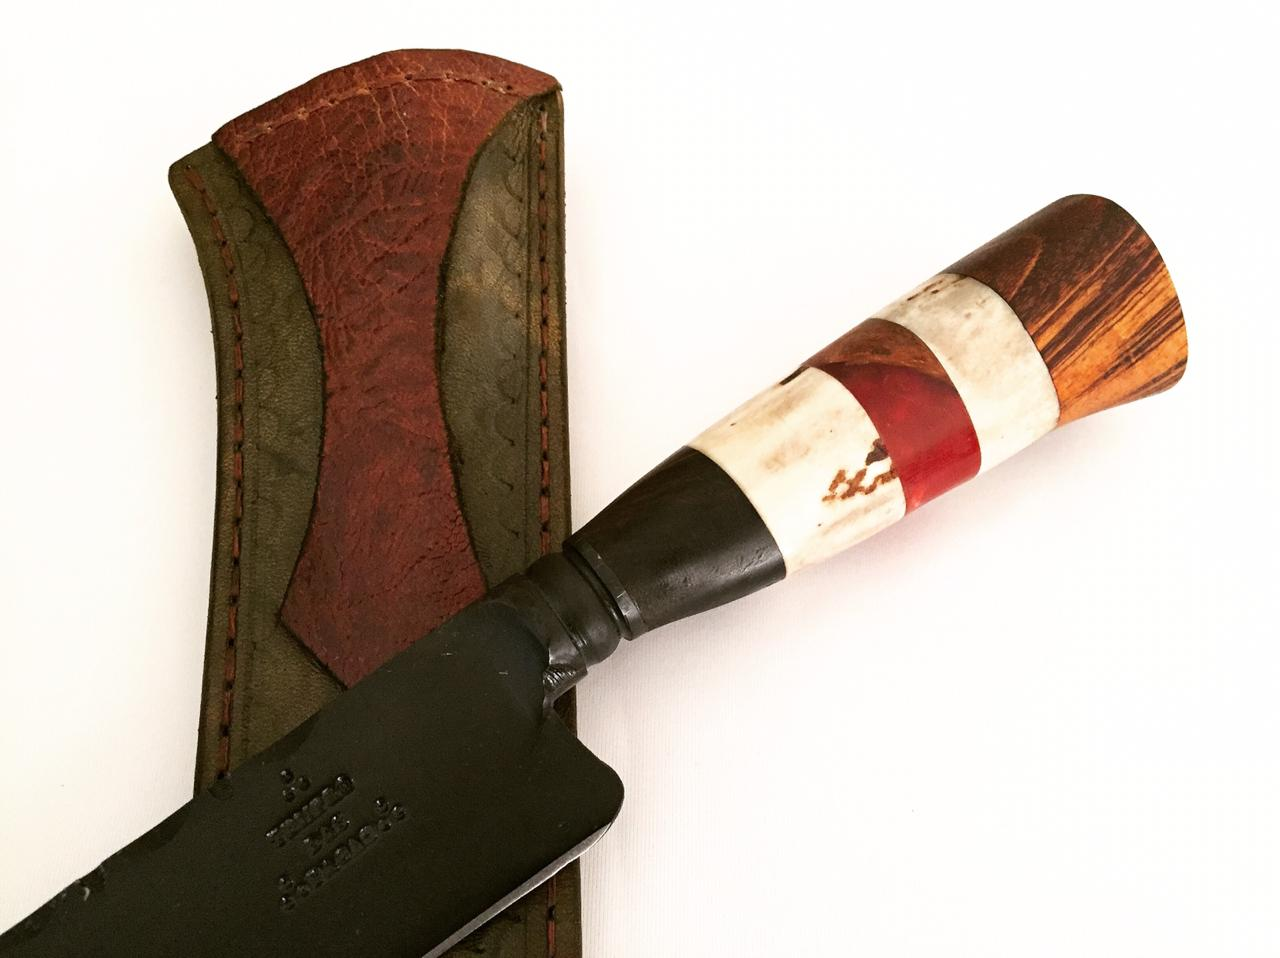 Faca artesanal forjada negra aço carbono  cabo misto cervo axis e madeiras 10 polegadas